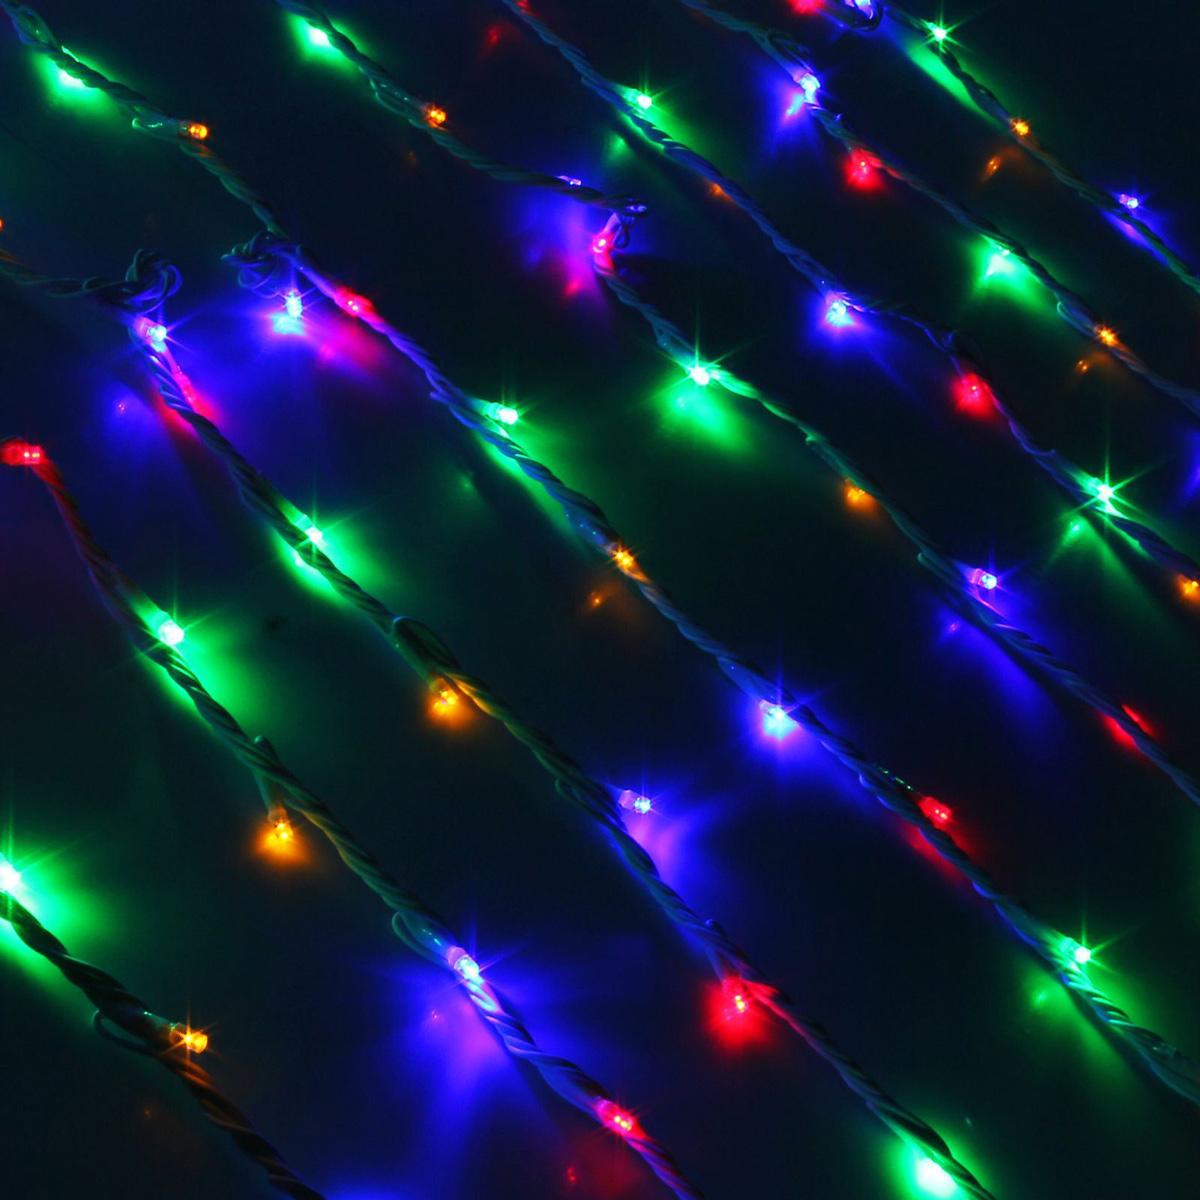 Гирлянда светодиодная Luazon Дождь, уличная, 1500 ламп, 220 V, цвет: мультиколор, 2 х 6 м. 10802062361734Светодиодные гирлянды, ленты и т.д — это отличный вариант для новогоднего оформления интерьера или фасада. С их помощью помещение любого размера можно превратить в праздничный зал, а внешние элементы зданий, украшенные ими, мгновенно станут напоминать очертания сказочного дворца. Такие украшения создают ауру предвкушения чуда. Деревья, фасады, витрины, окна и арки будто специально созданы, чтобы вы украсили их светящимися нитями.